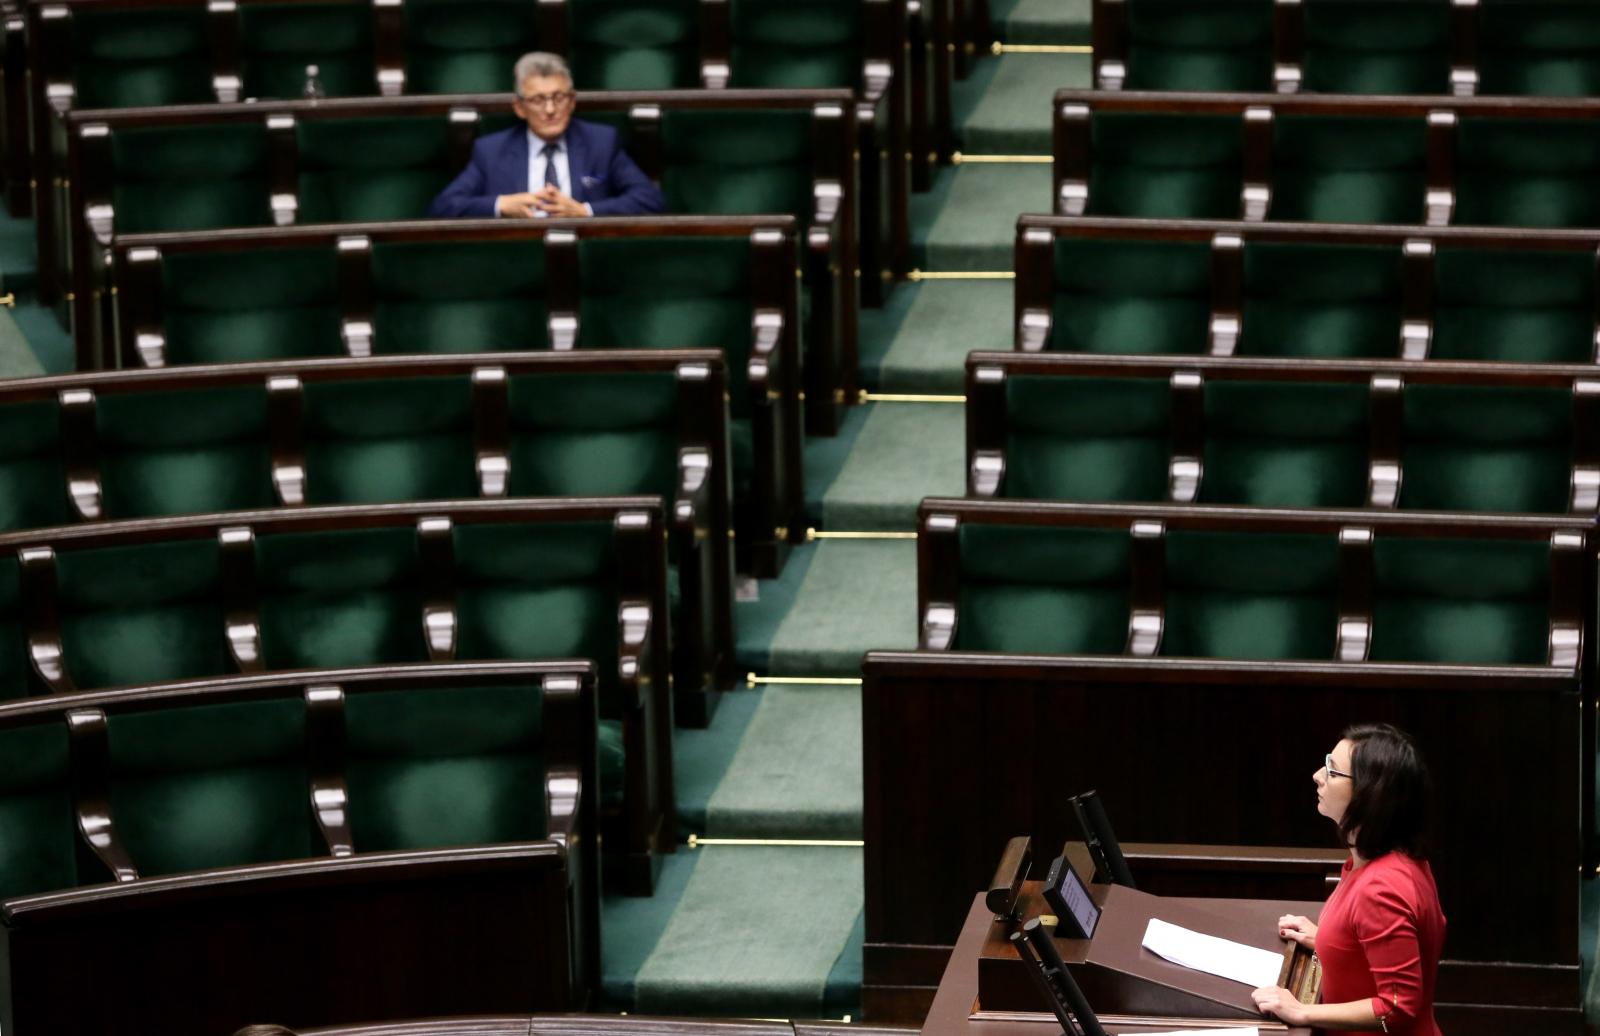 Posłanka Nowoczesnej Kamila Gasiuk-Pihowicz (P) i poseł PiS Stanisław Piotrowicz (L) podczas sprawozdania komisji w sprawie organizacji pracy TK, w trakcie posiedzenia Sejmu.